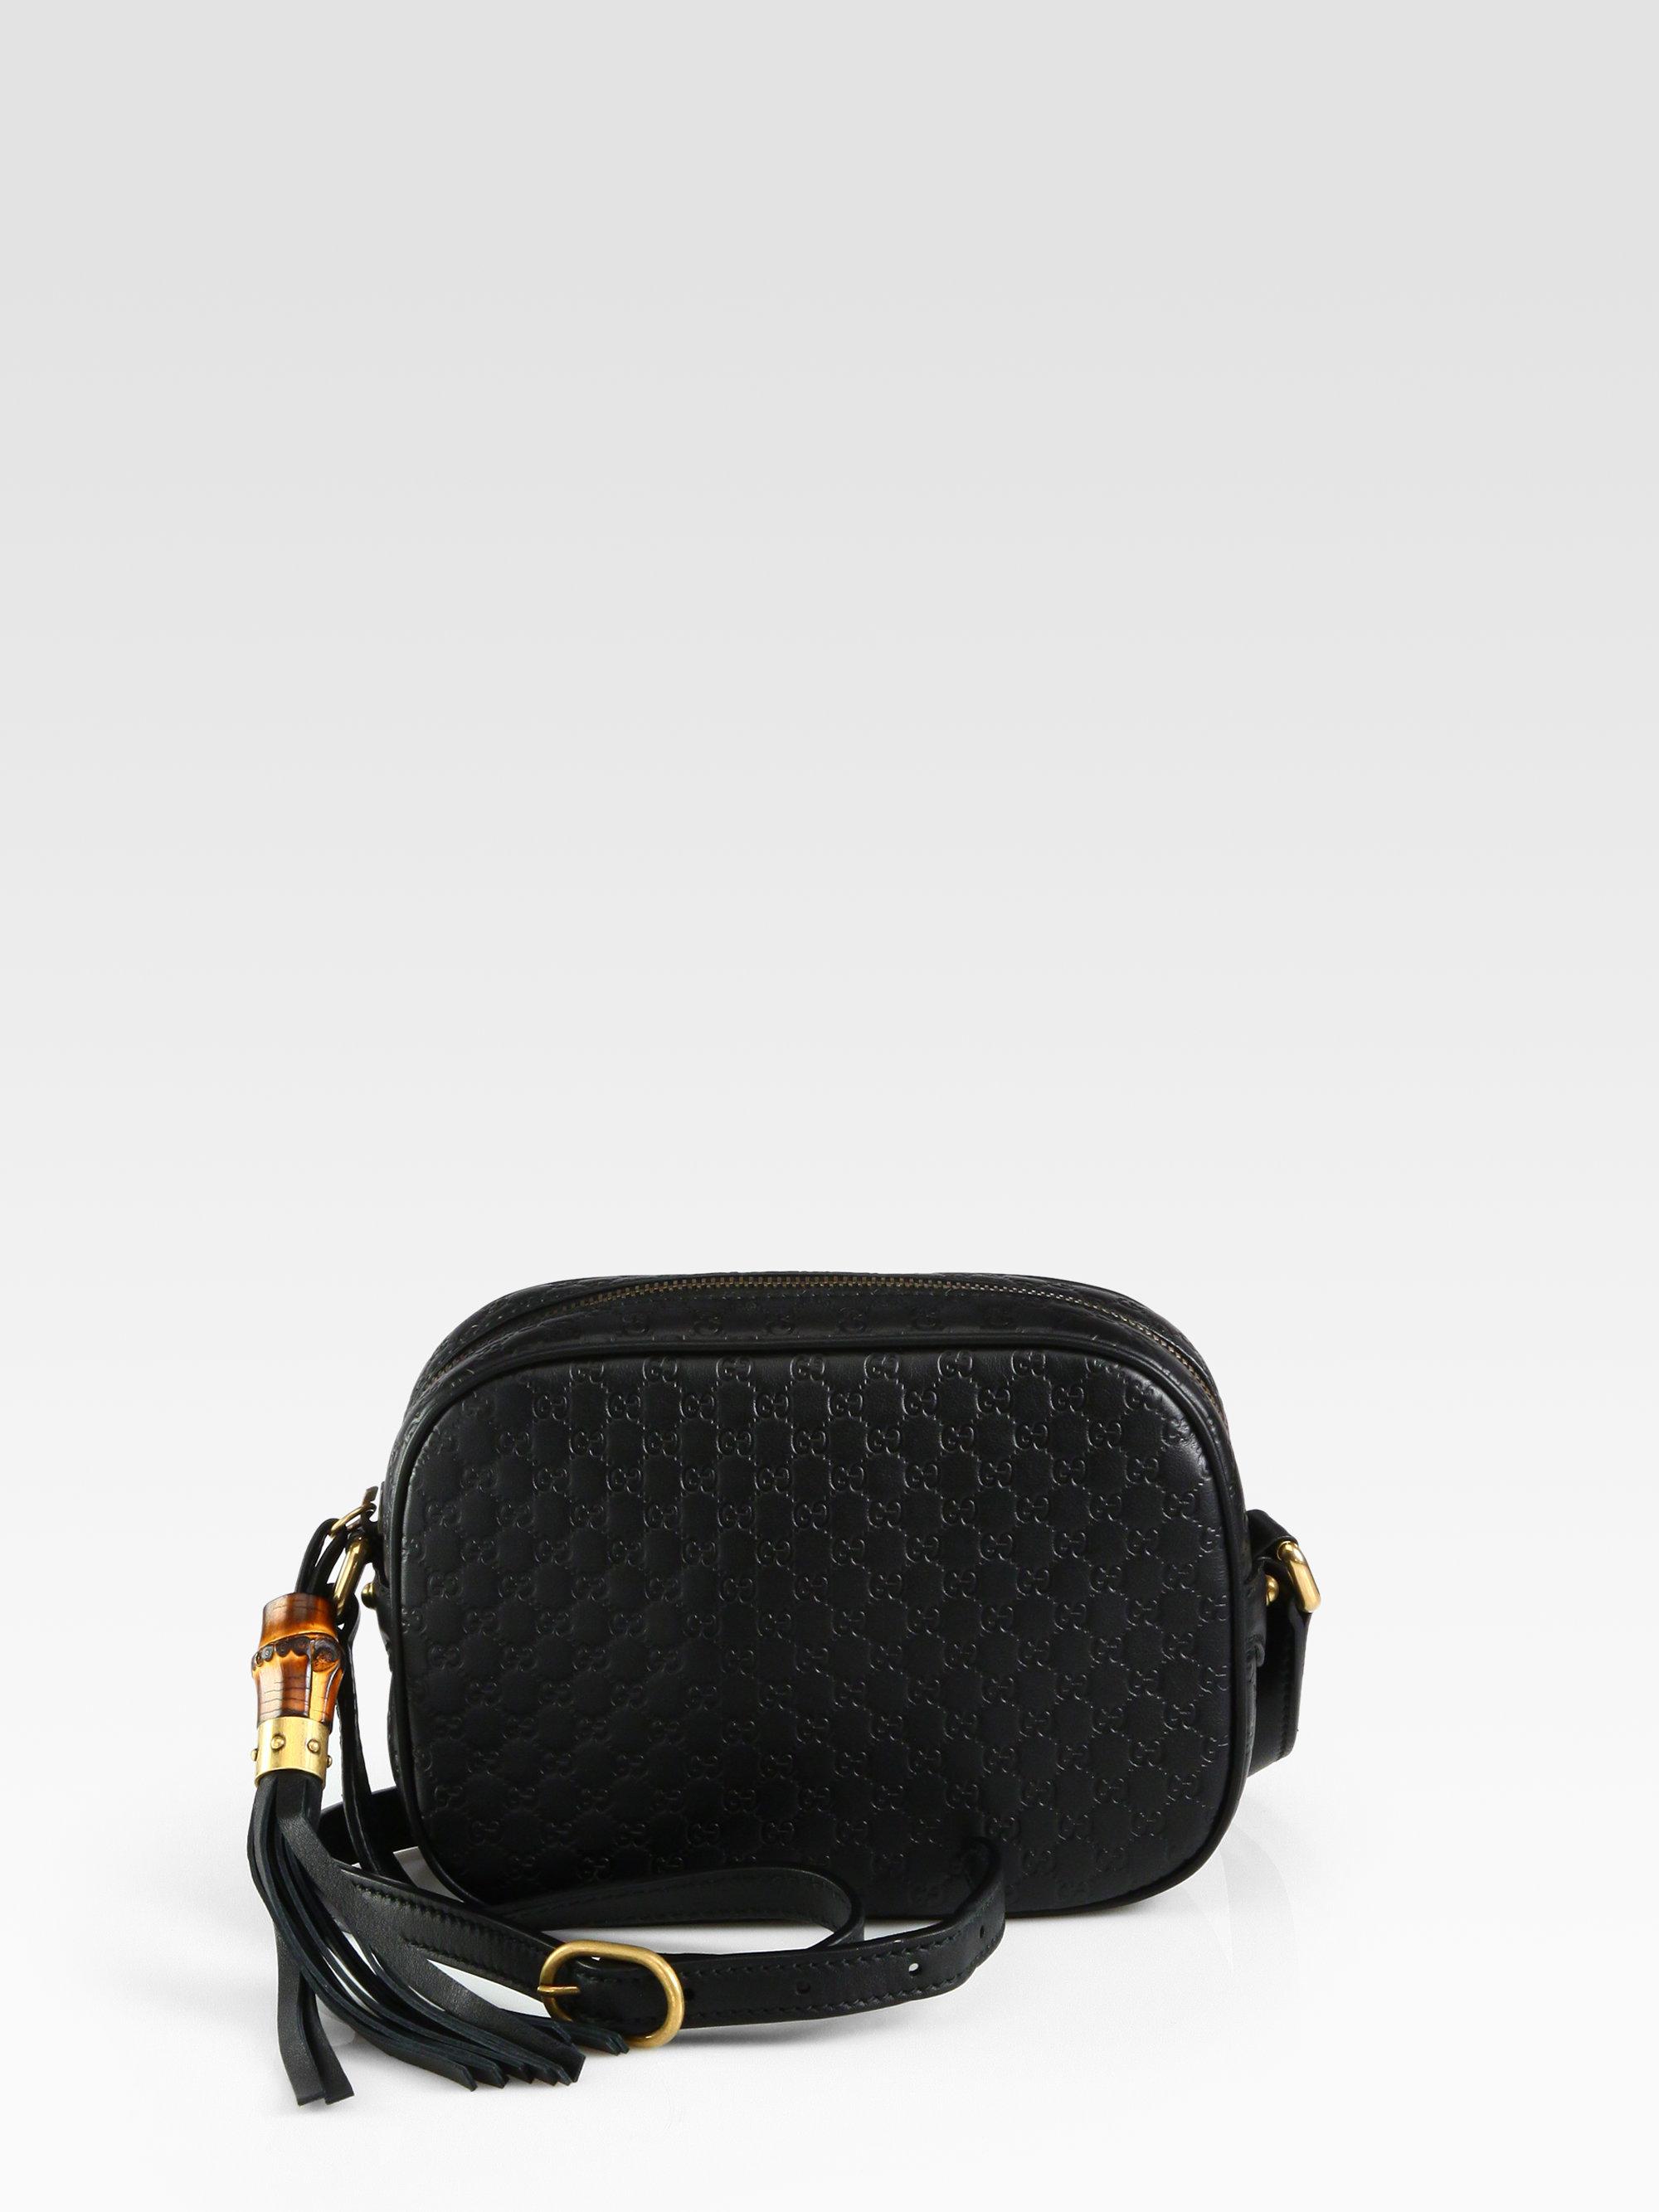 ab6205548a3 Lyst - Gucci Sunshine Microguccissima Disco Bag in Black